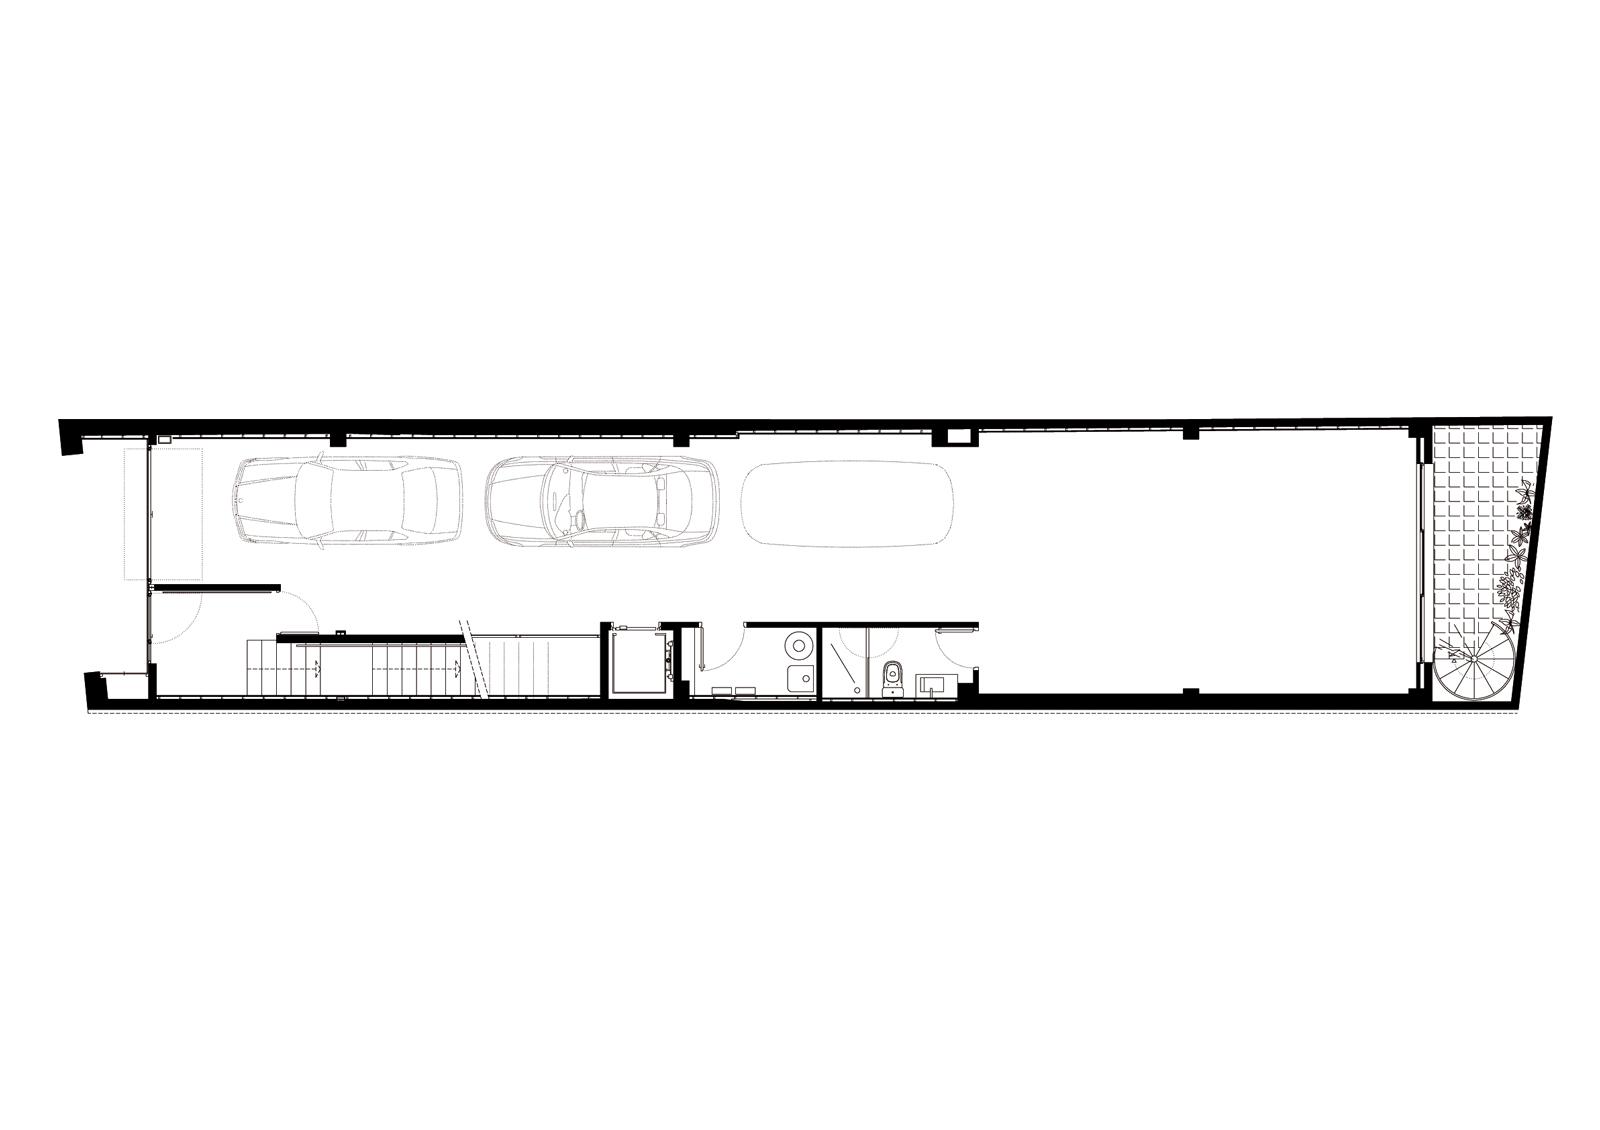 Planta baixa. Projecte d'obra nova: 1998 Habitatge unifamiliar entre mitgeres